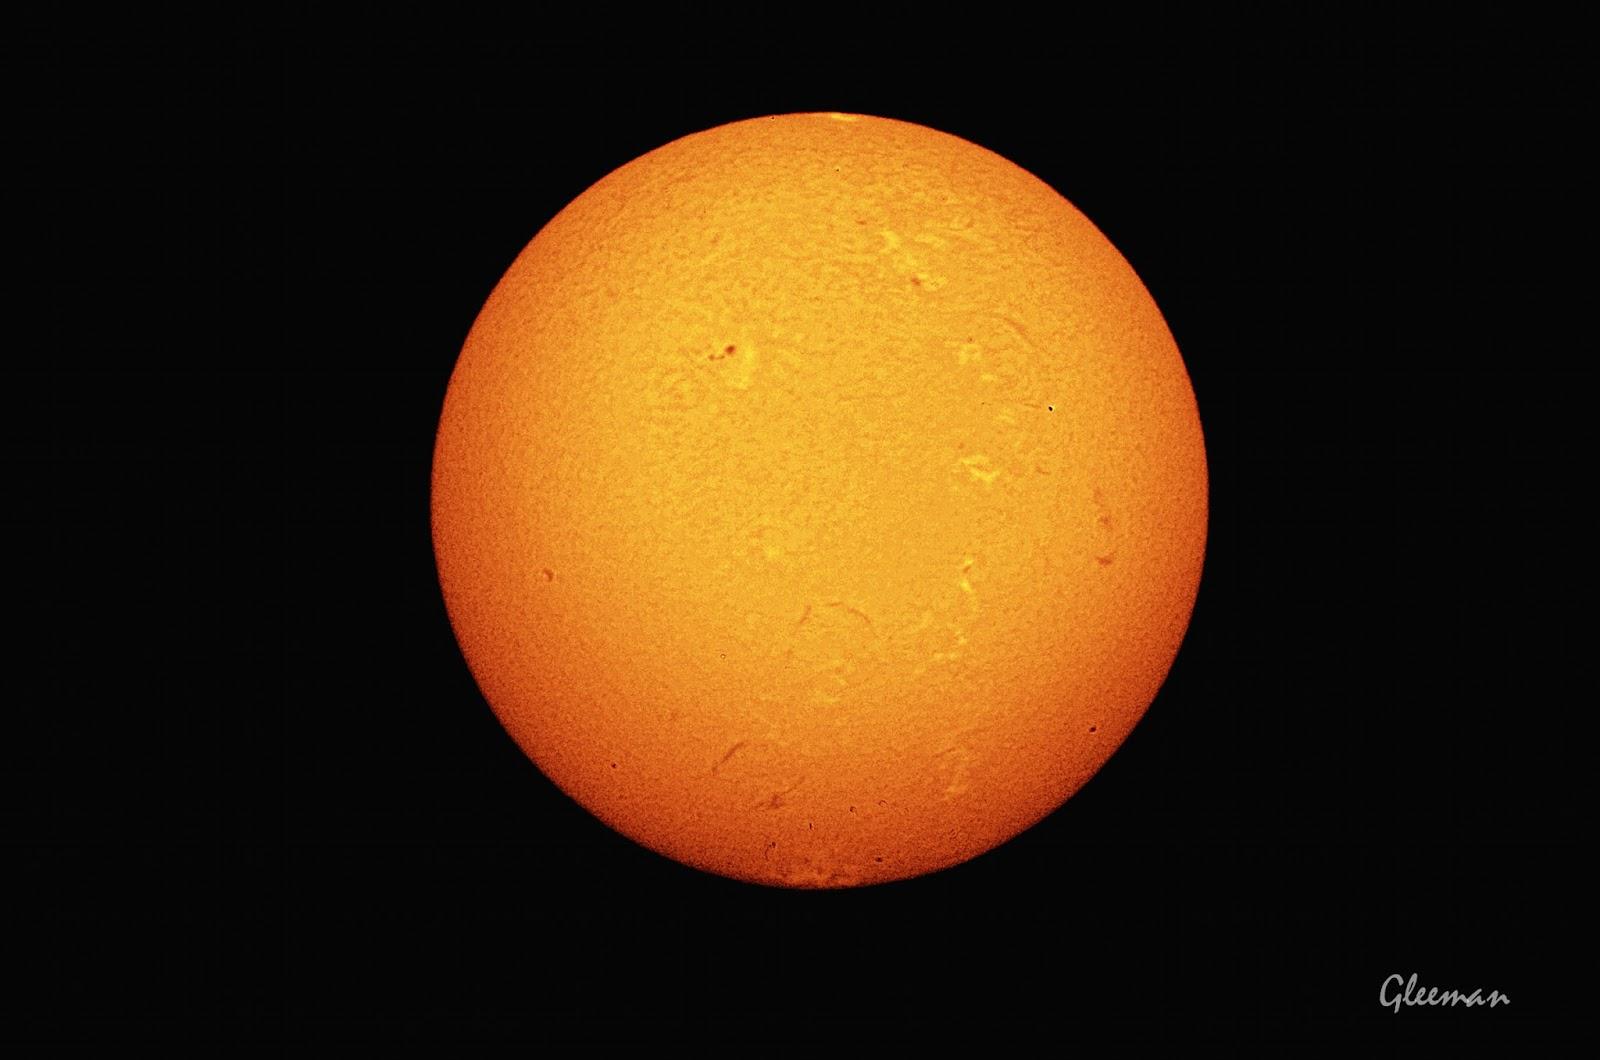 太陽 H-Alpha 擴大攝影, 黑白轉偽色